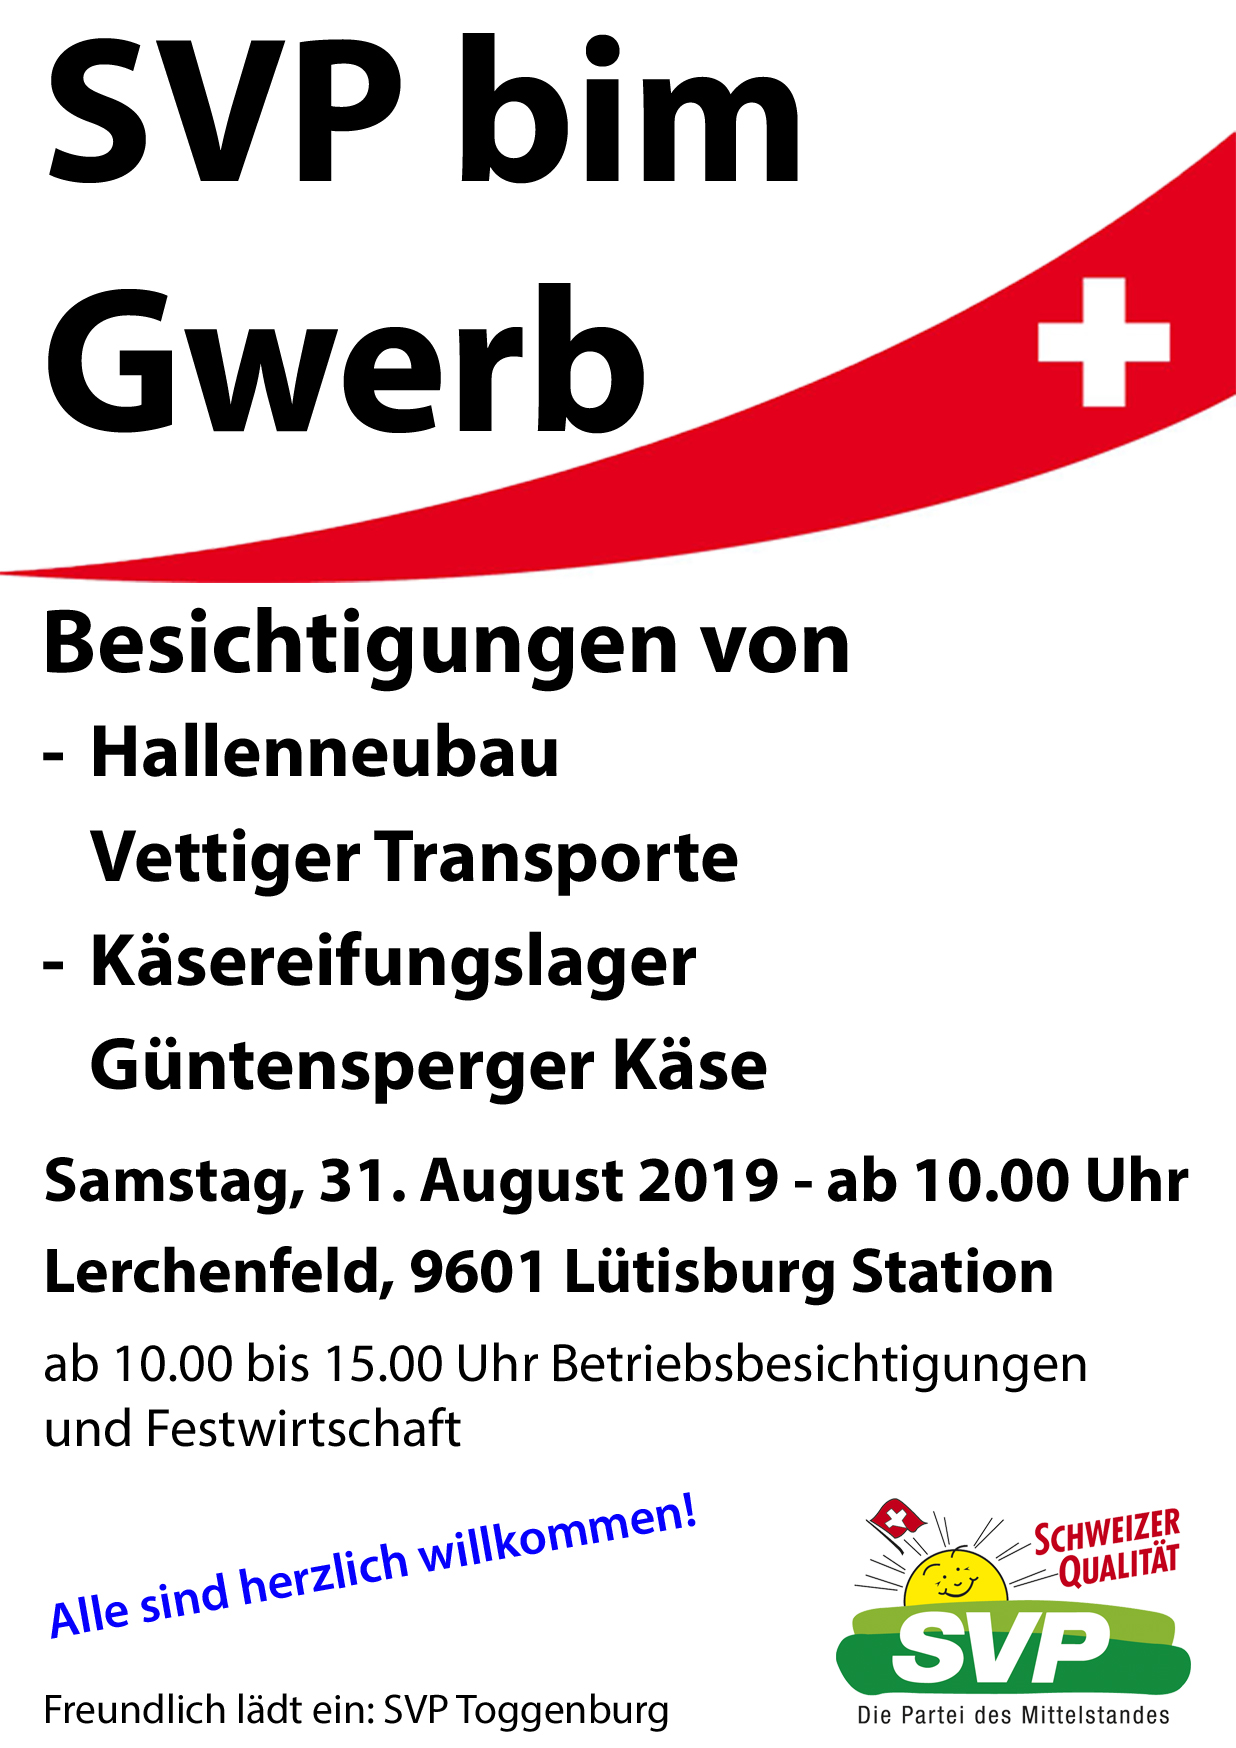 SVP bim Gwerb (Samstag, 31.08.2019)